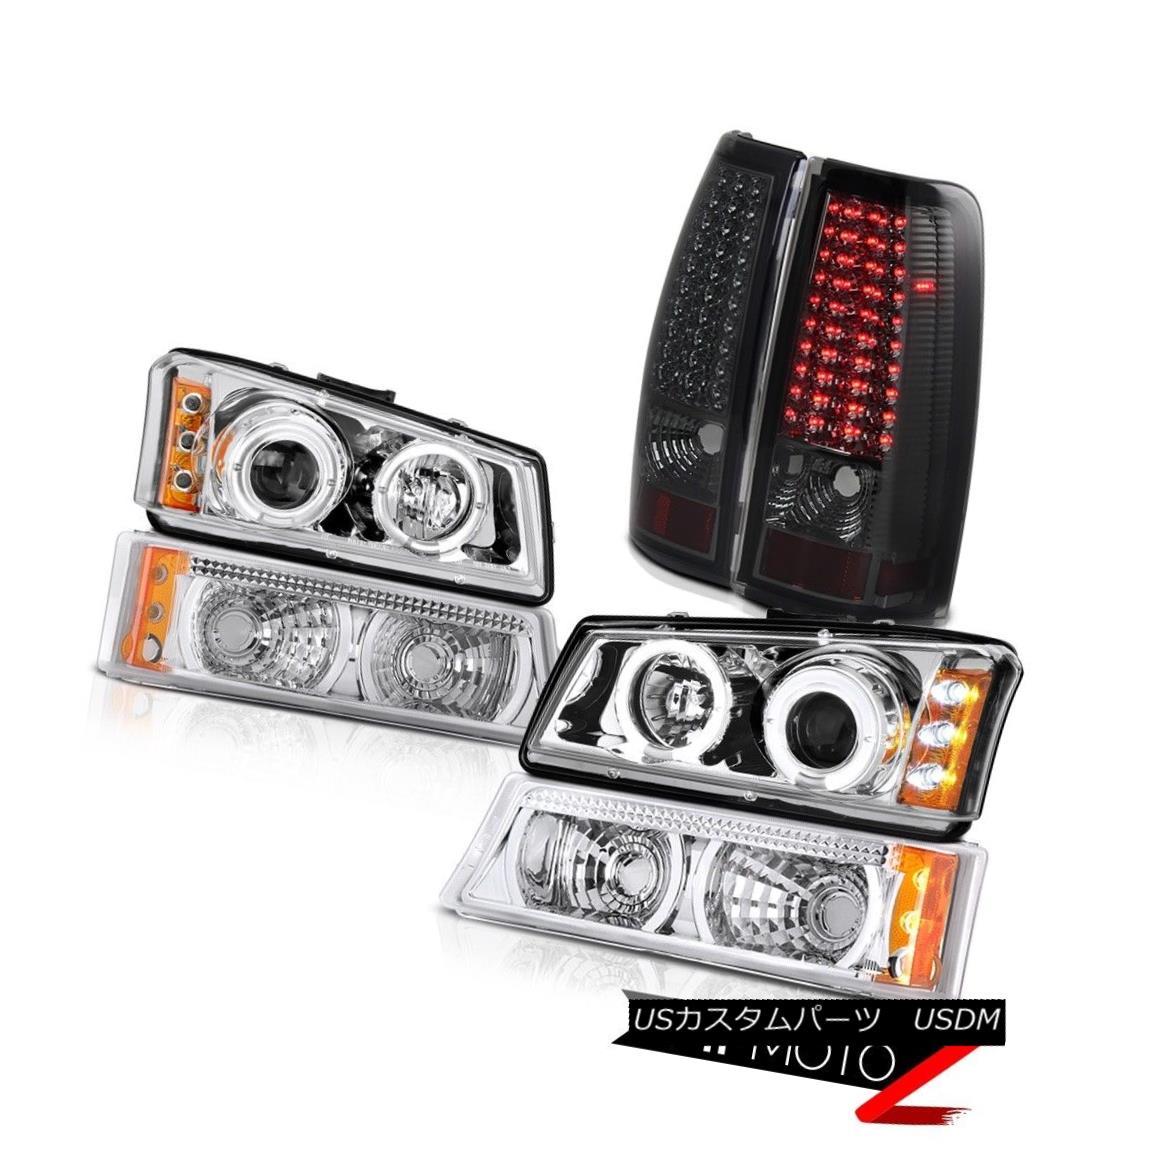 テールライト Chrome L.E.D Halo Daytime Headlights Parking Tail Lights 2003-2006 Silverado LTZ Chrome L.E.D Halo Daytimeヘッドライトパーキングテールライト2003-2006 Silverado LTZ